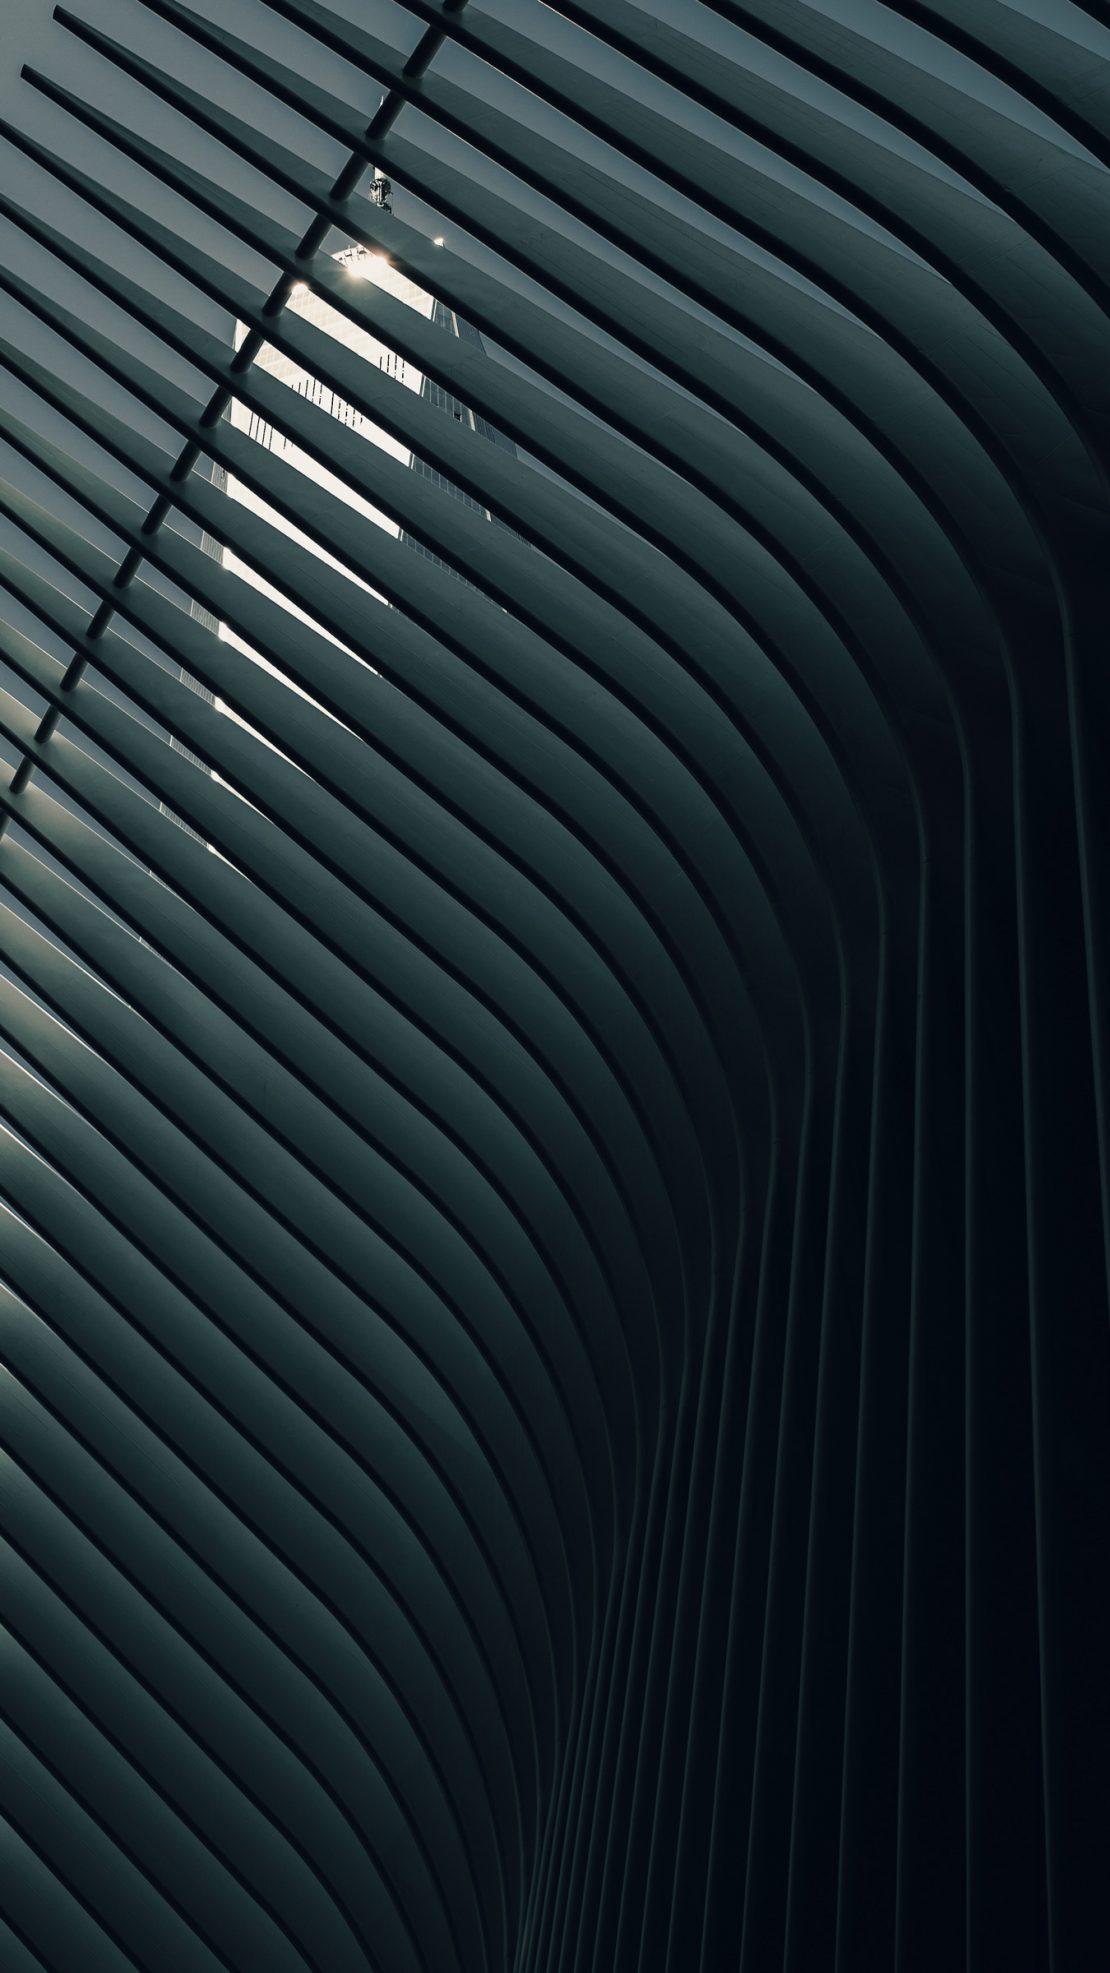 Nahaufnahme der New Yorker PATH Station mit World Trade Center im Hintergrund. Close-up of the New Yorker PATH station with the World Trade Center in the background.